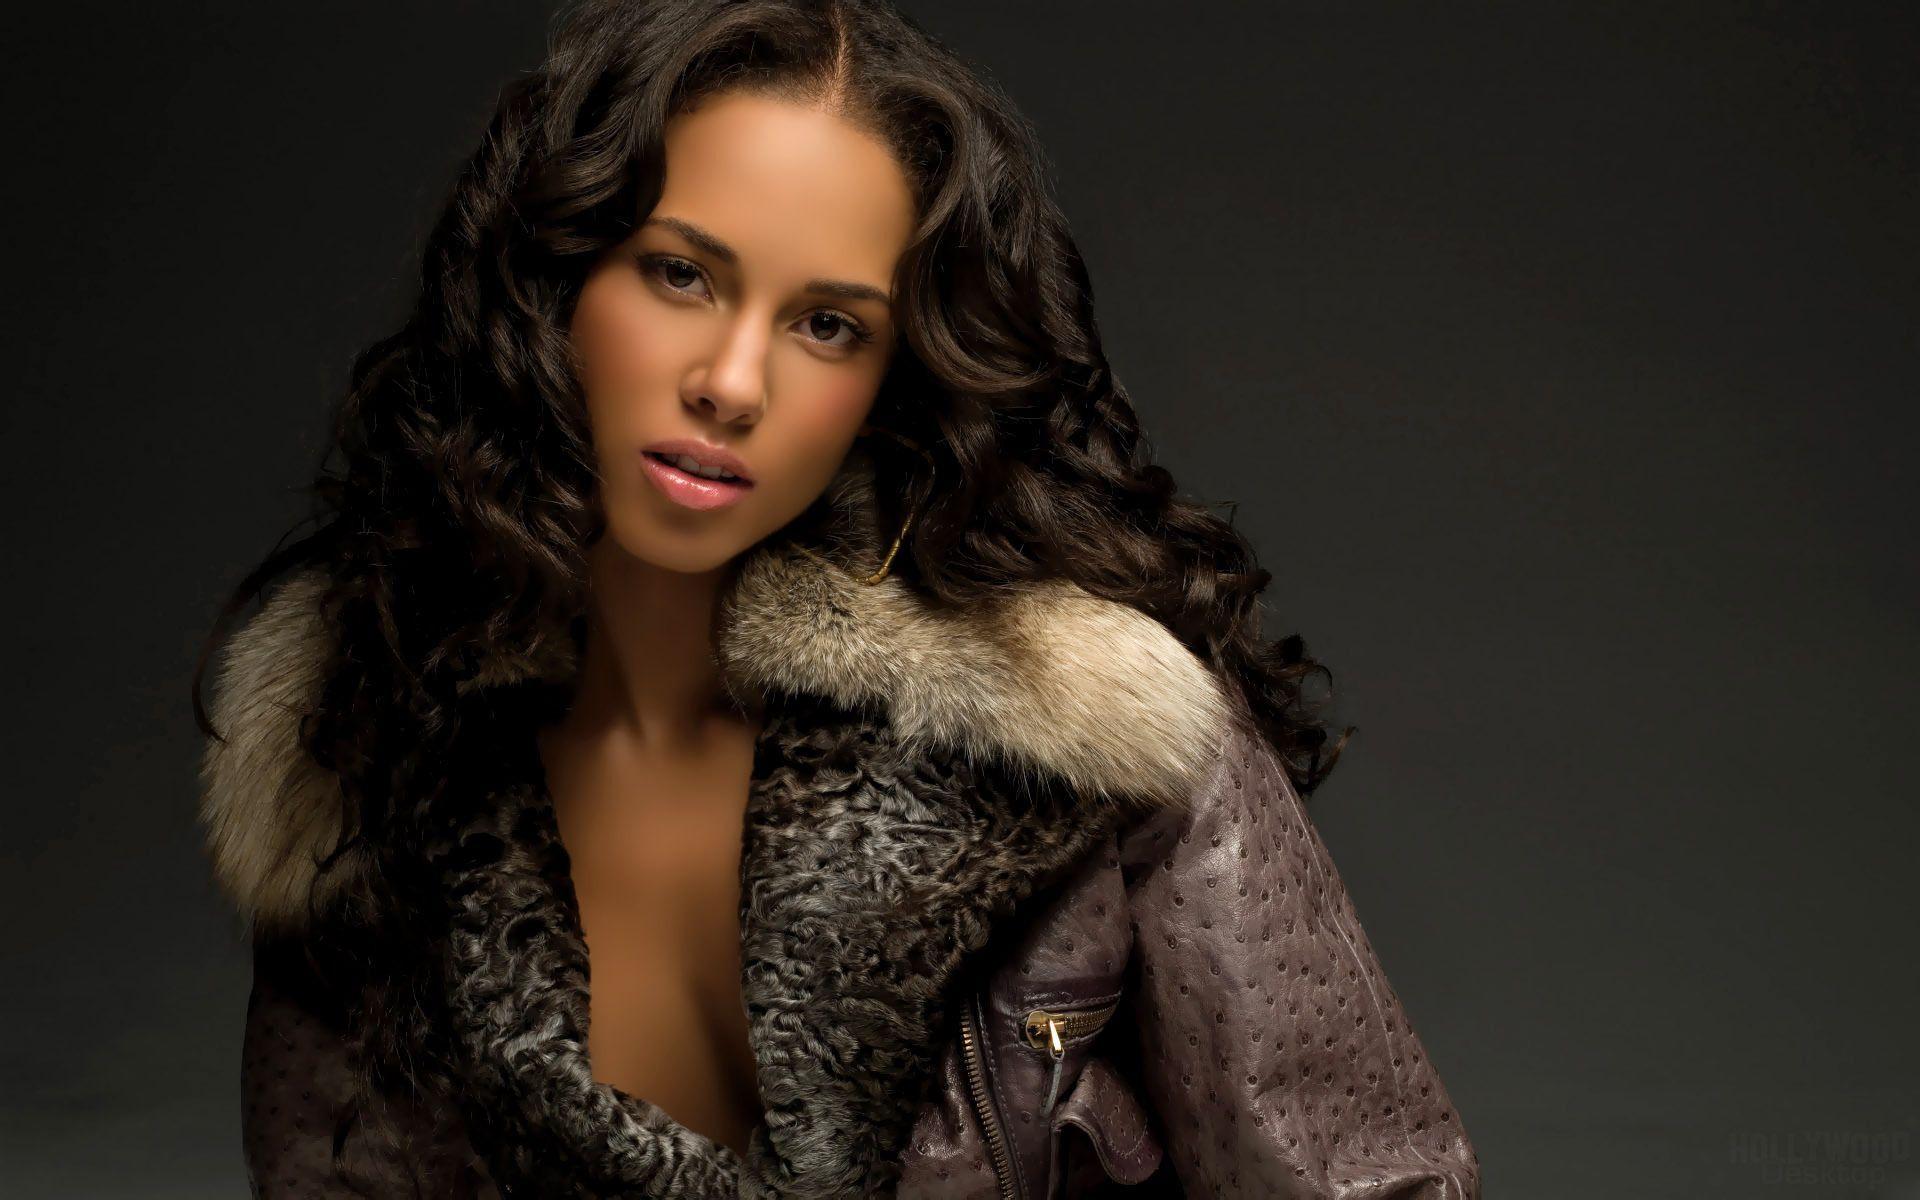 Alicia Keys mamma per la seconda volta: è nato Genesis Ali Dean